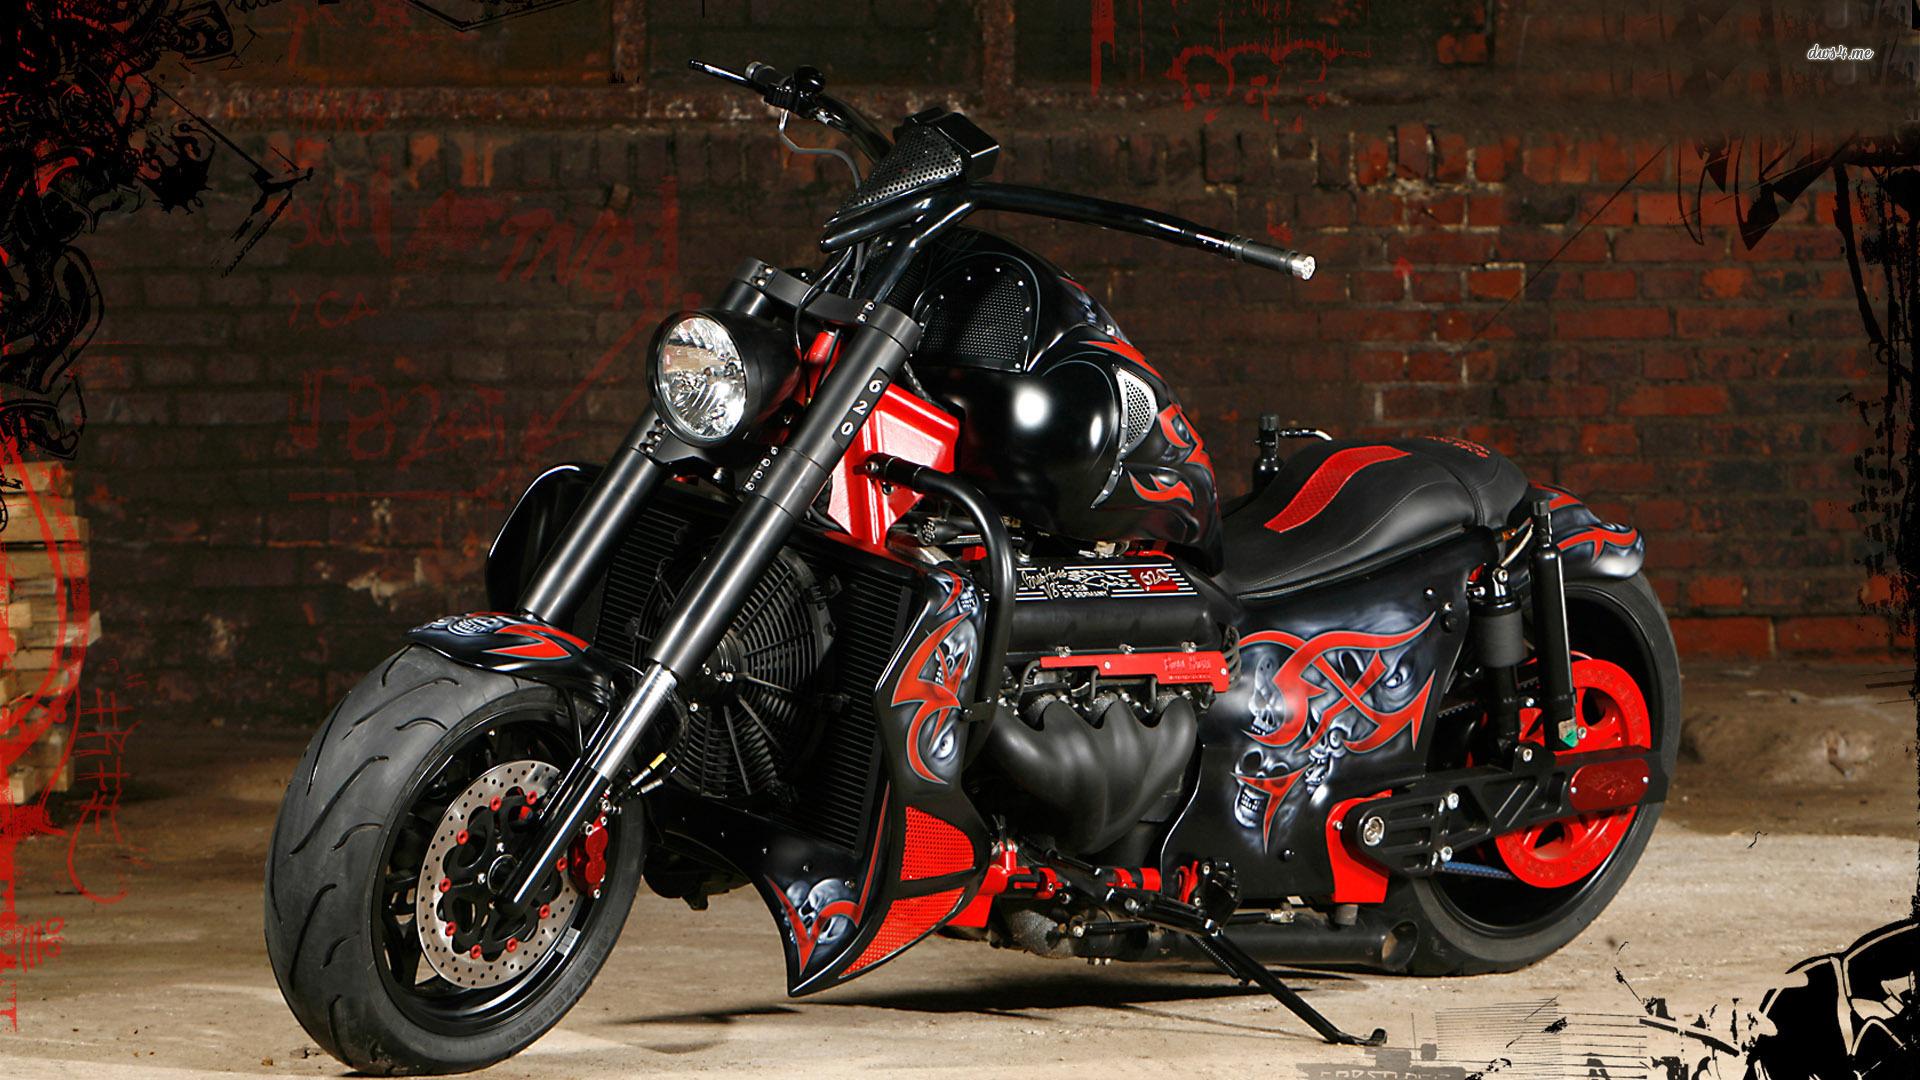 75+ Free Motorcycle Wallpaper on WallpaperSafari